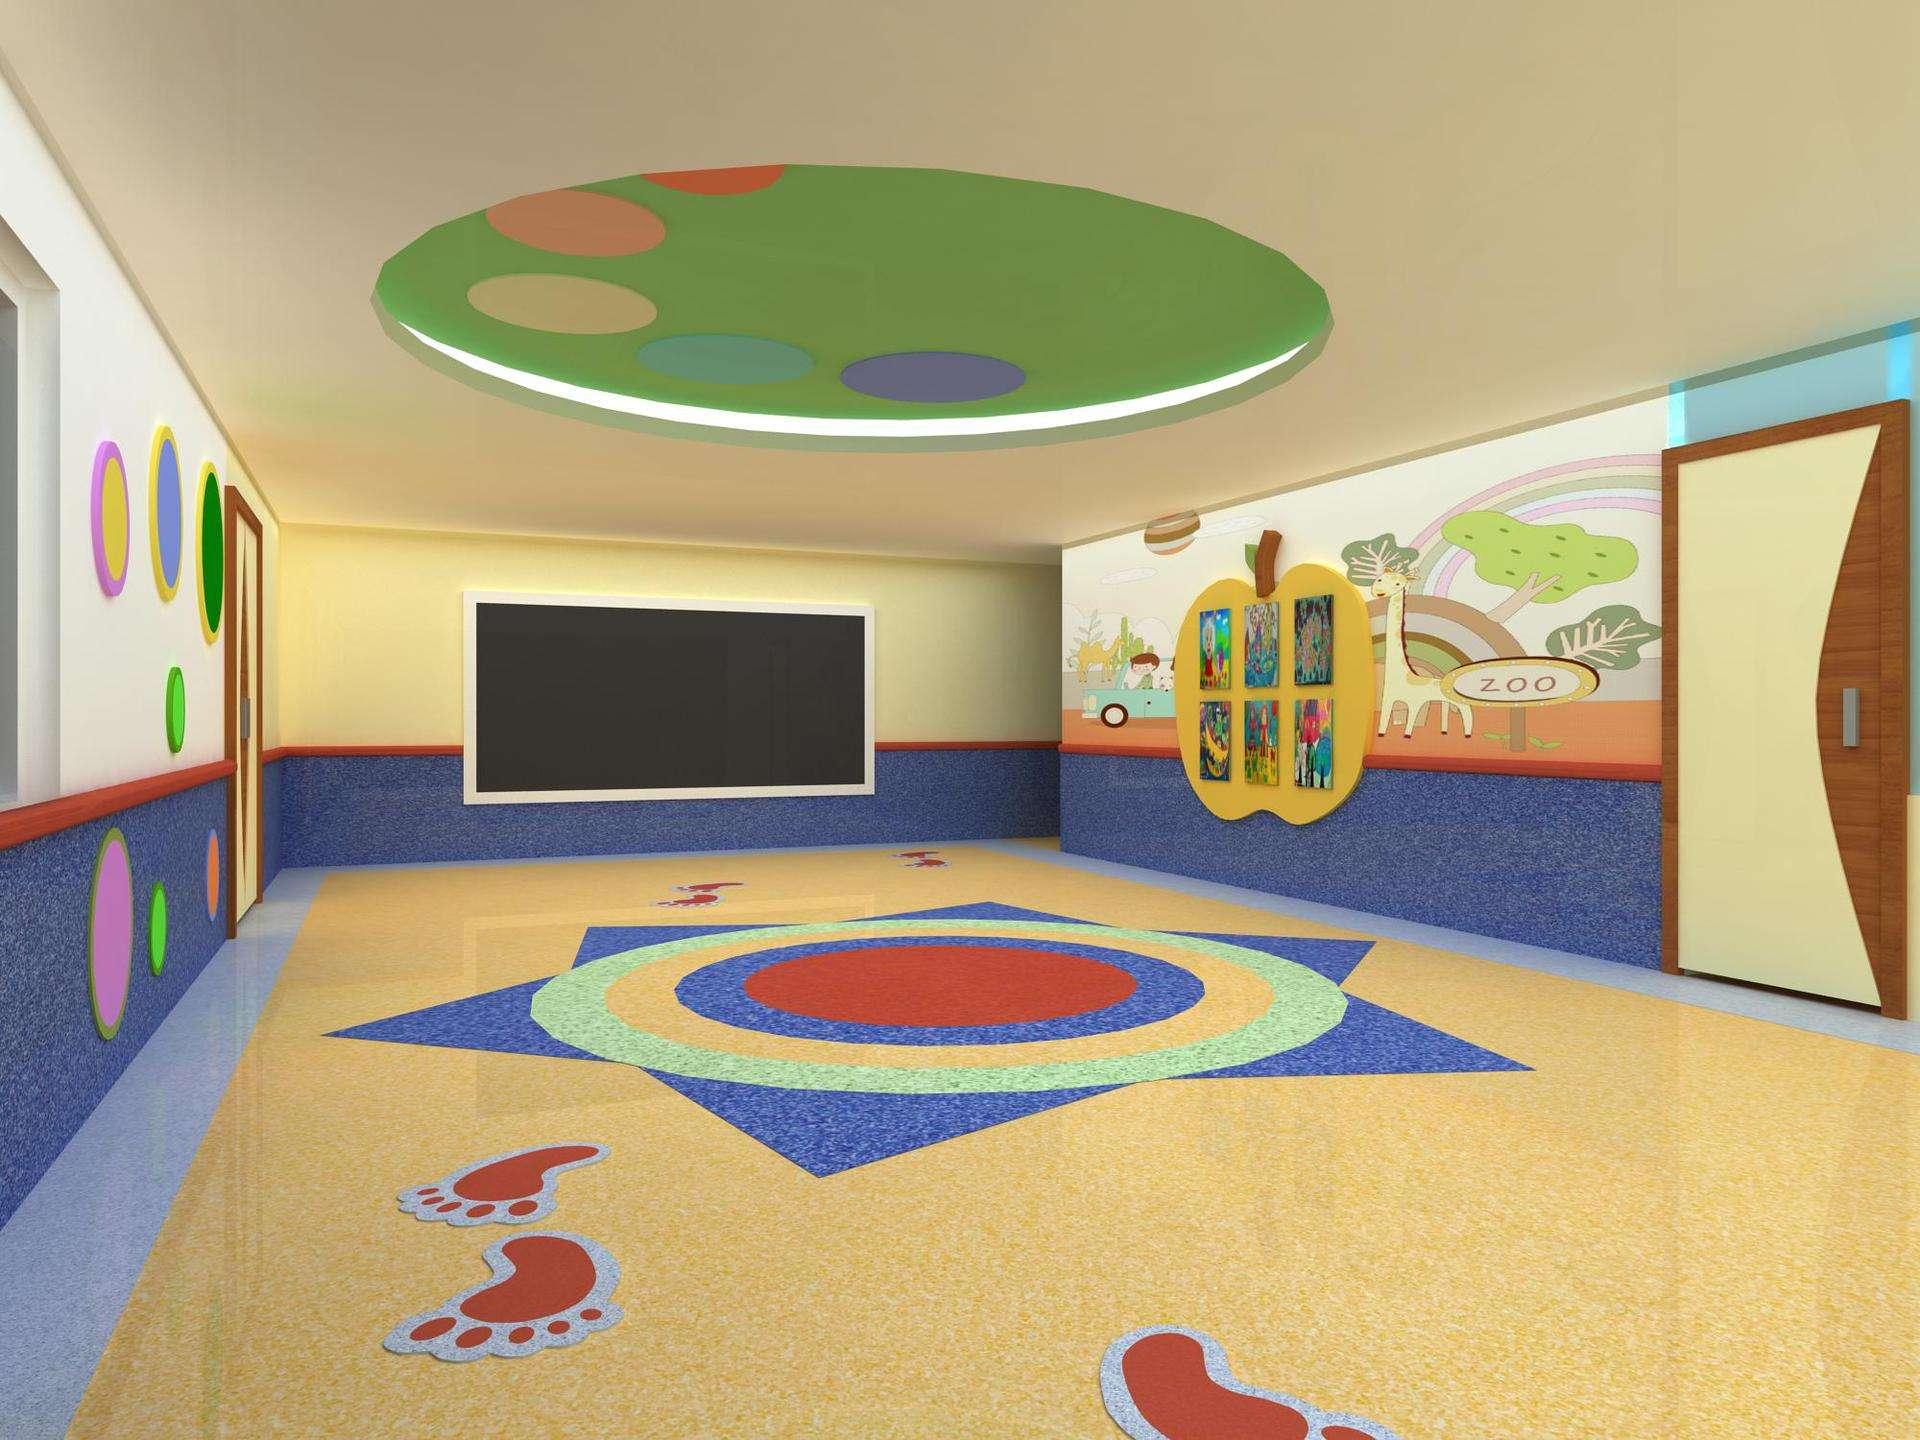 橡胶地板案例展示